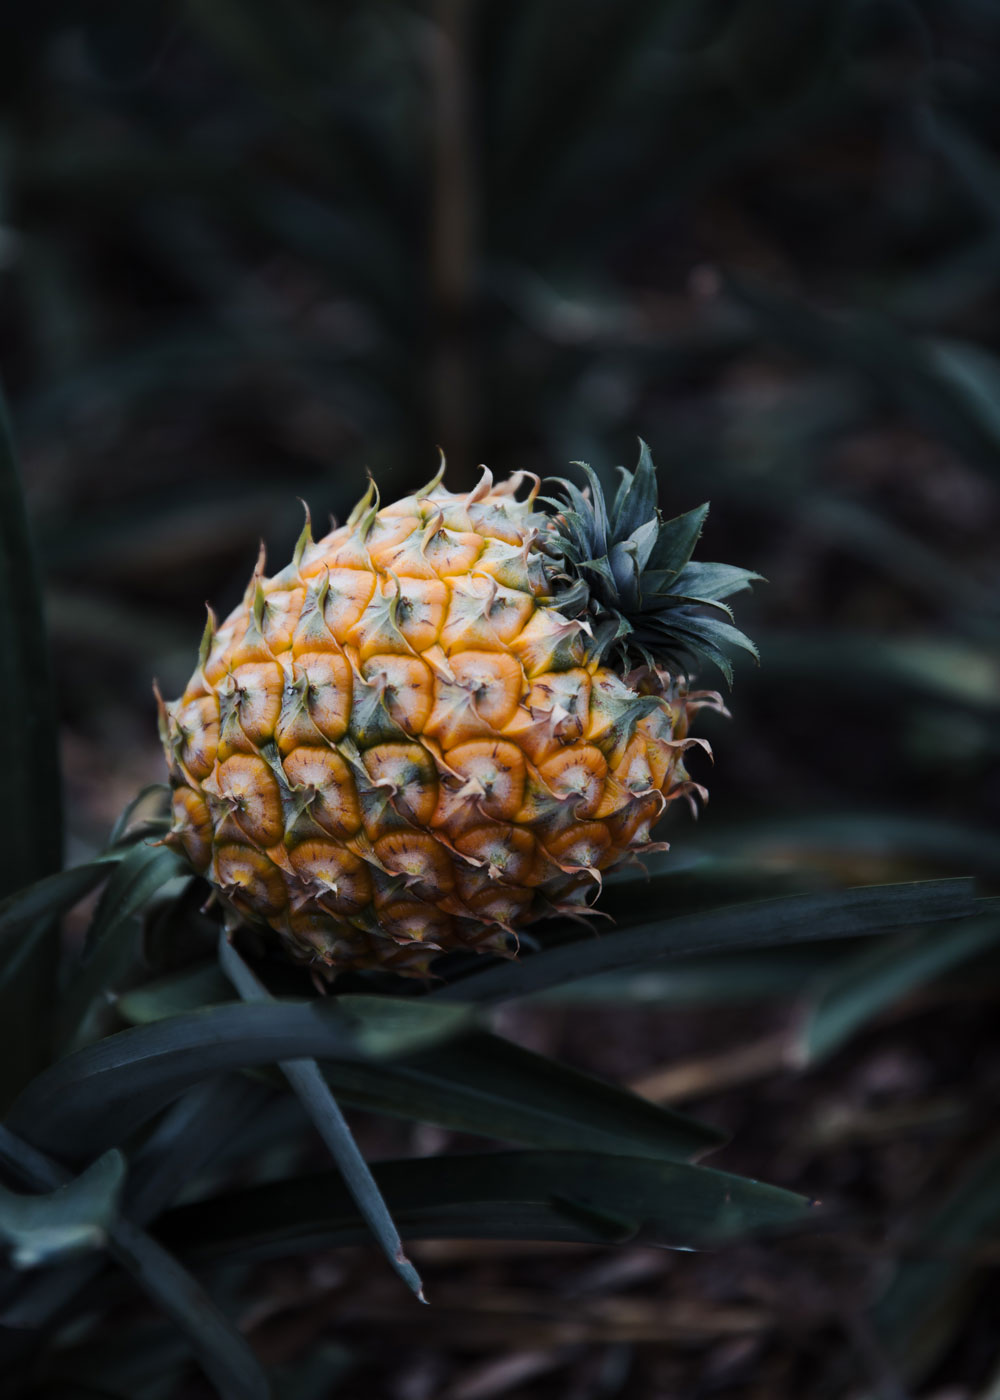 Visiting a pineapple plantation in Ponta Delgada